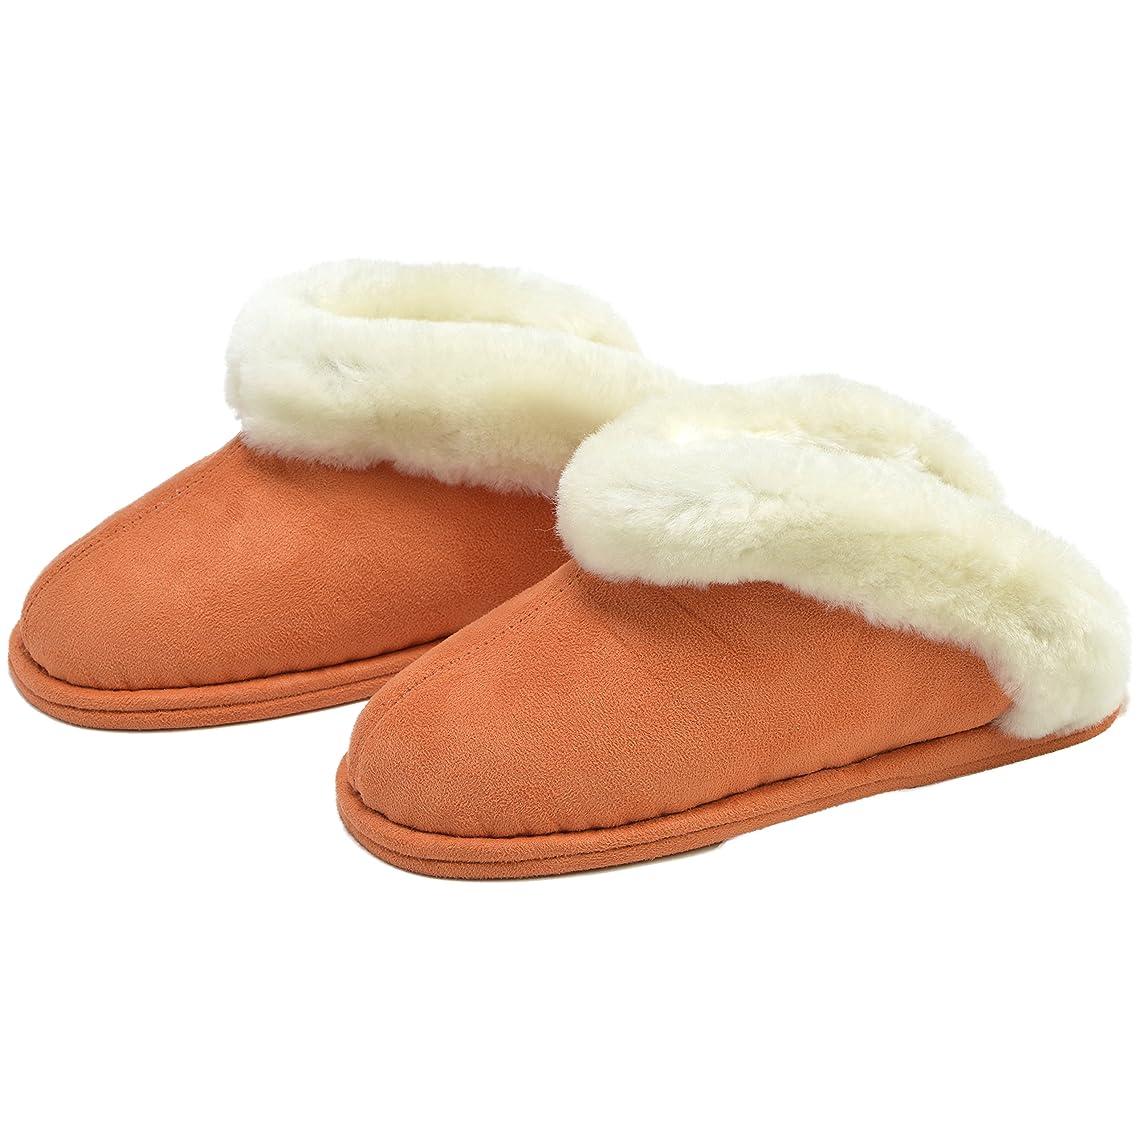 立派な白鳥外部京都西川 ムートン ルームシューズ 羊皮100% あったか もこもこ かわいい スリッパ オレンジ MU-6019